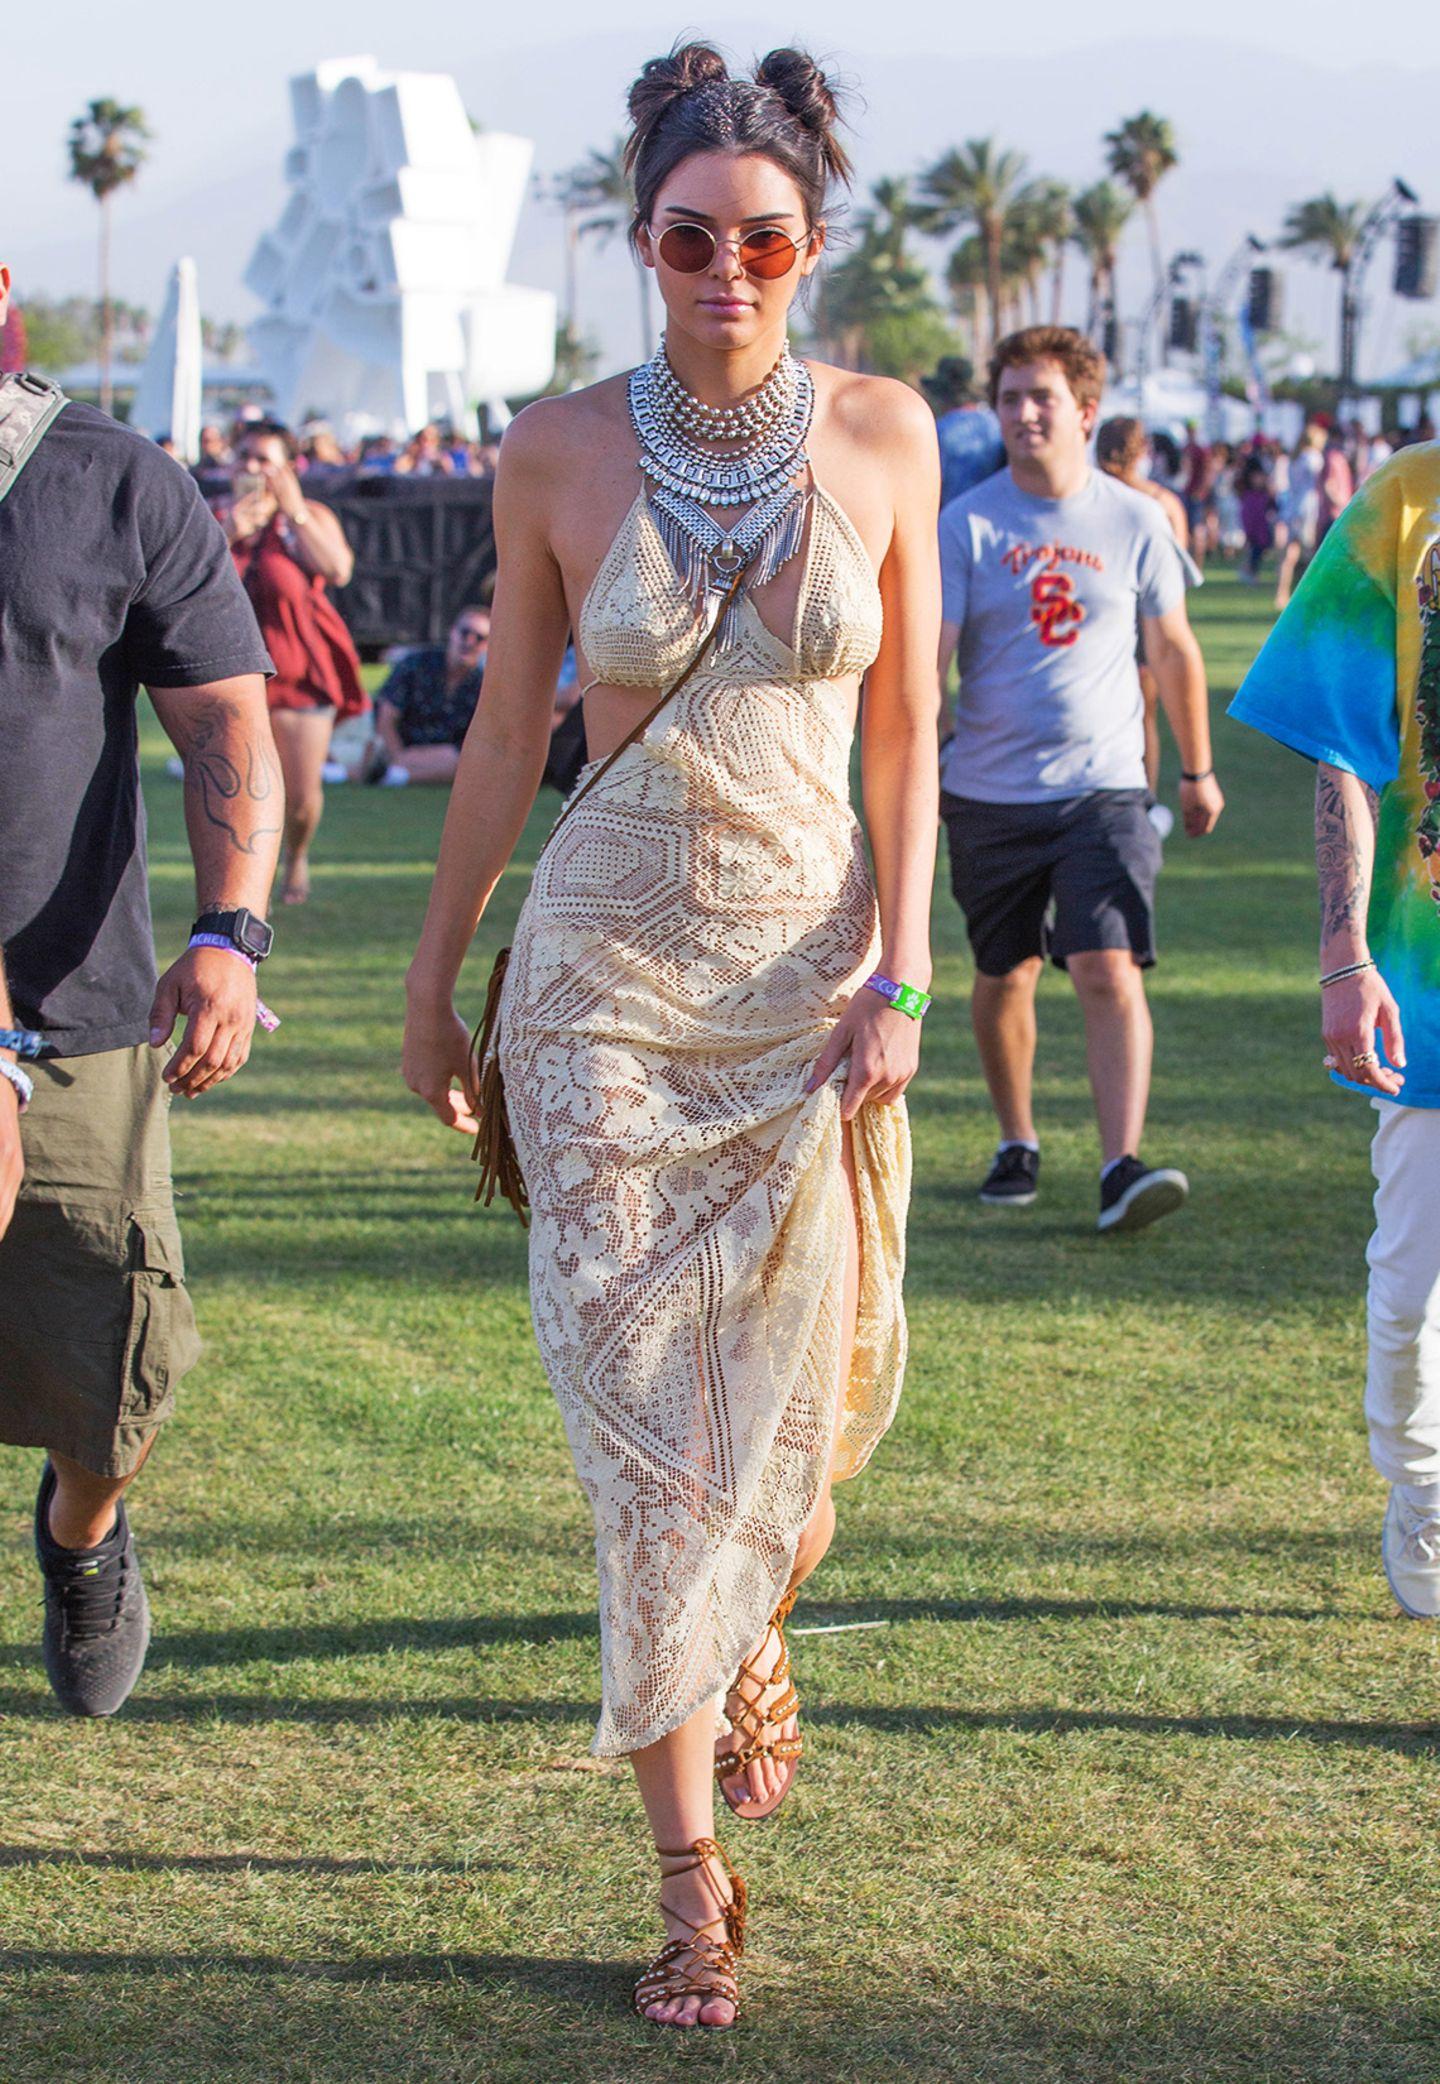 Wow! Mit ihrem cremefarbenen Spitzen-Kleid, Schnürsandalen und dem schweren Silberschmuck im Ethno-Look verkörpert Kendall Jenner perfekt den modernen Hippie-Trend des Coachella-Festivals.